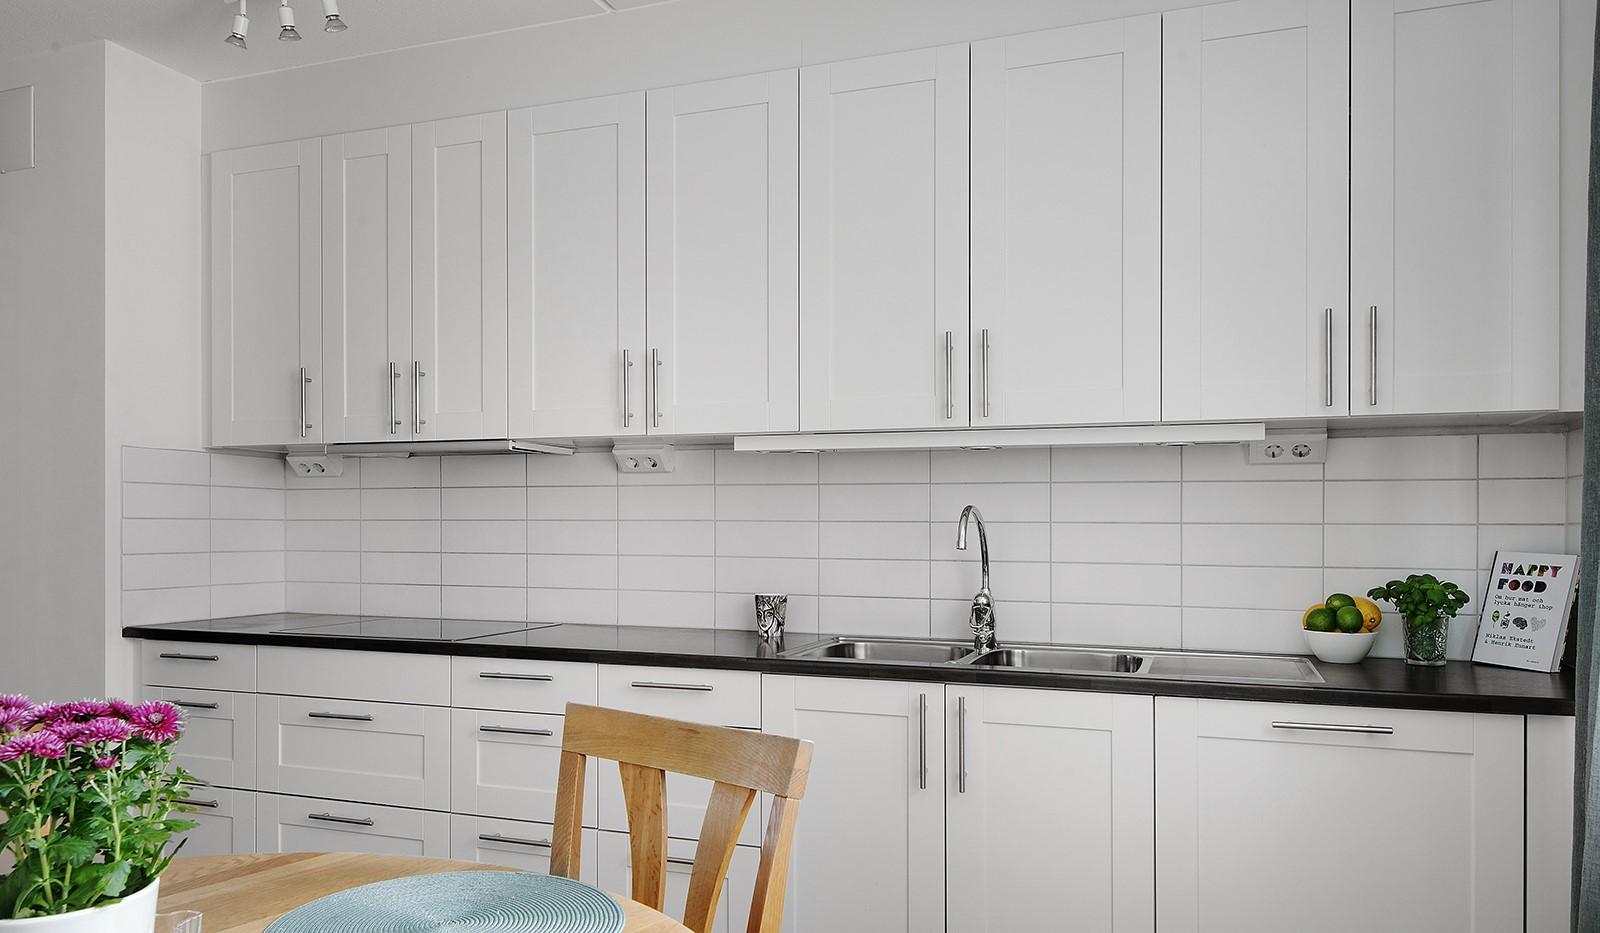 Grönbrinksgatan 6, 4tr - Stilrent kök från Marbodal med bra förvaring bakom vita luckor